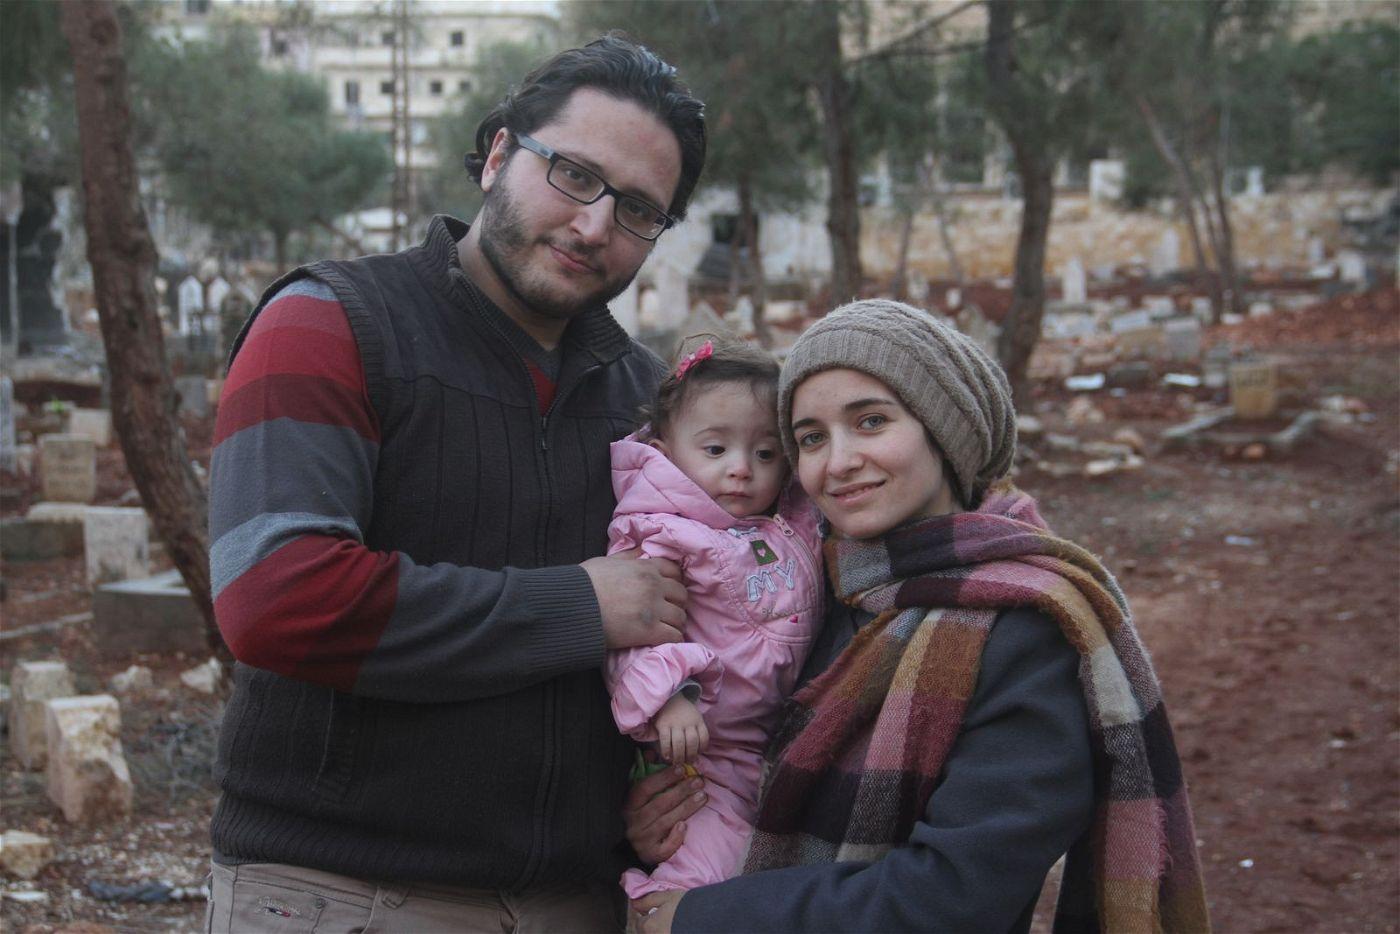 Hamza, Waad und ihre Tochter Sama versuchen, inmitten der Bomben ein halbwegs normales Leben zu führen.